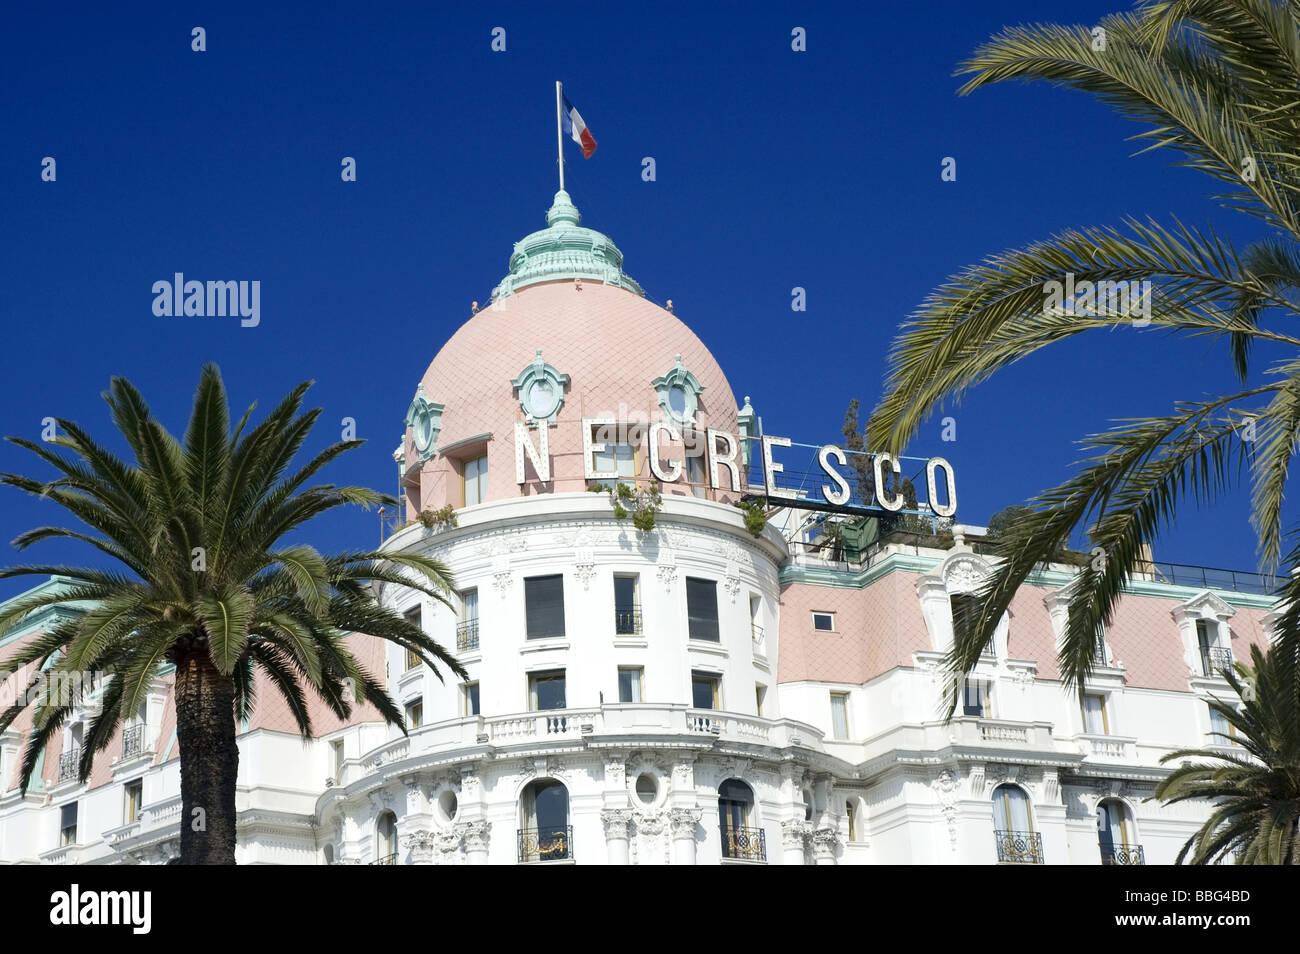 Negresco Hotel, Promenade Des Anglais, Nice - Stock Image